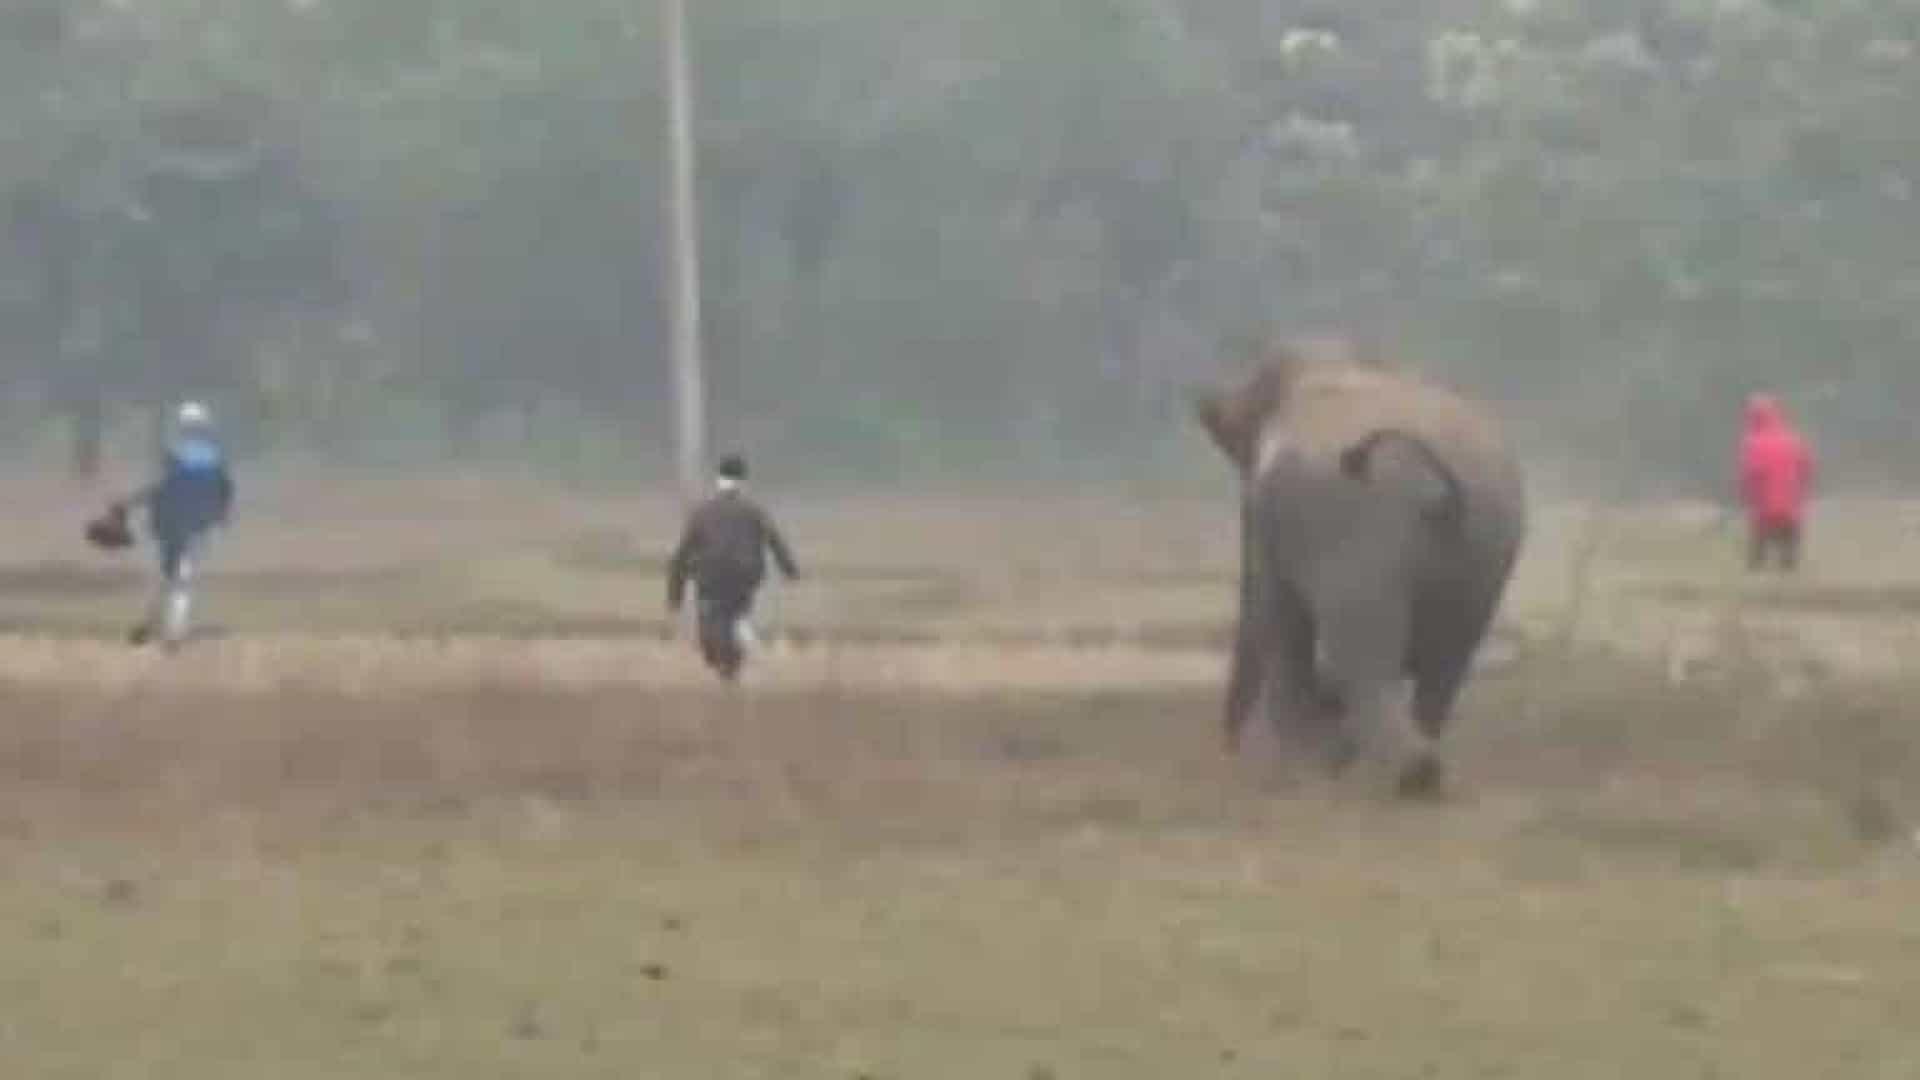 naom 5e208603e1487 - Homens são perseguidos por elefante após tentar tirar selfie com animal